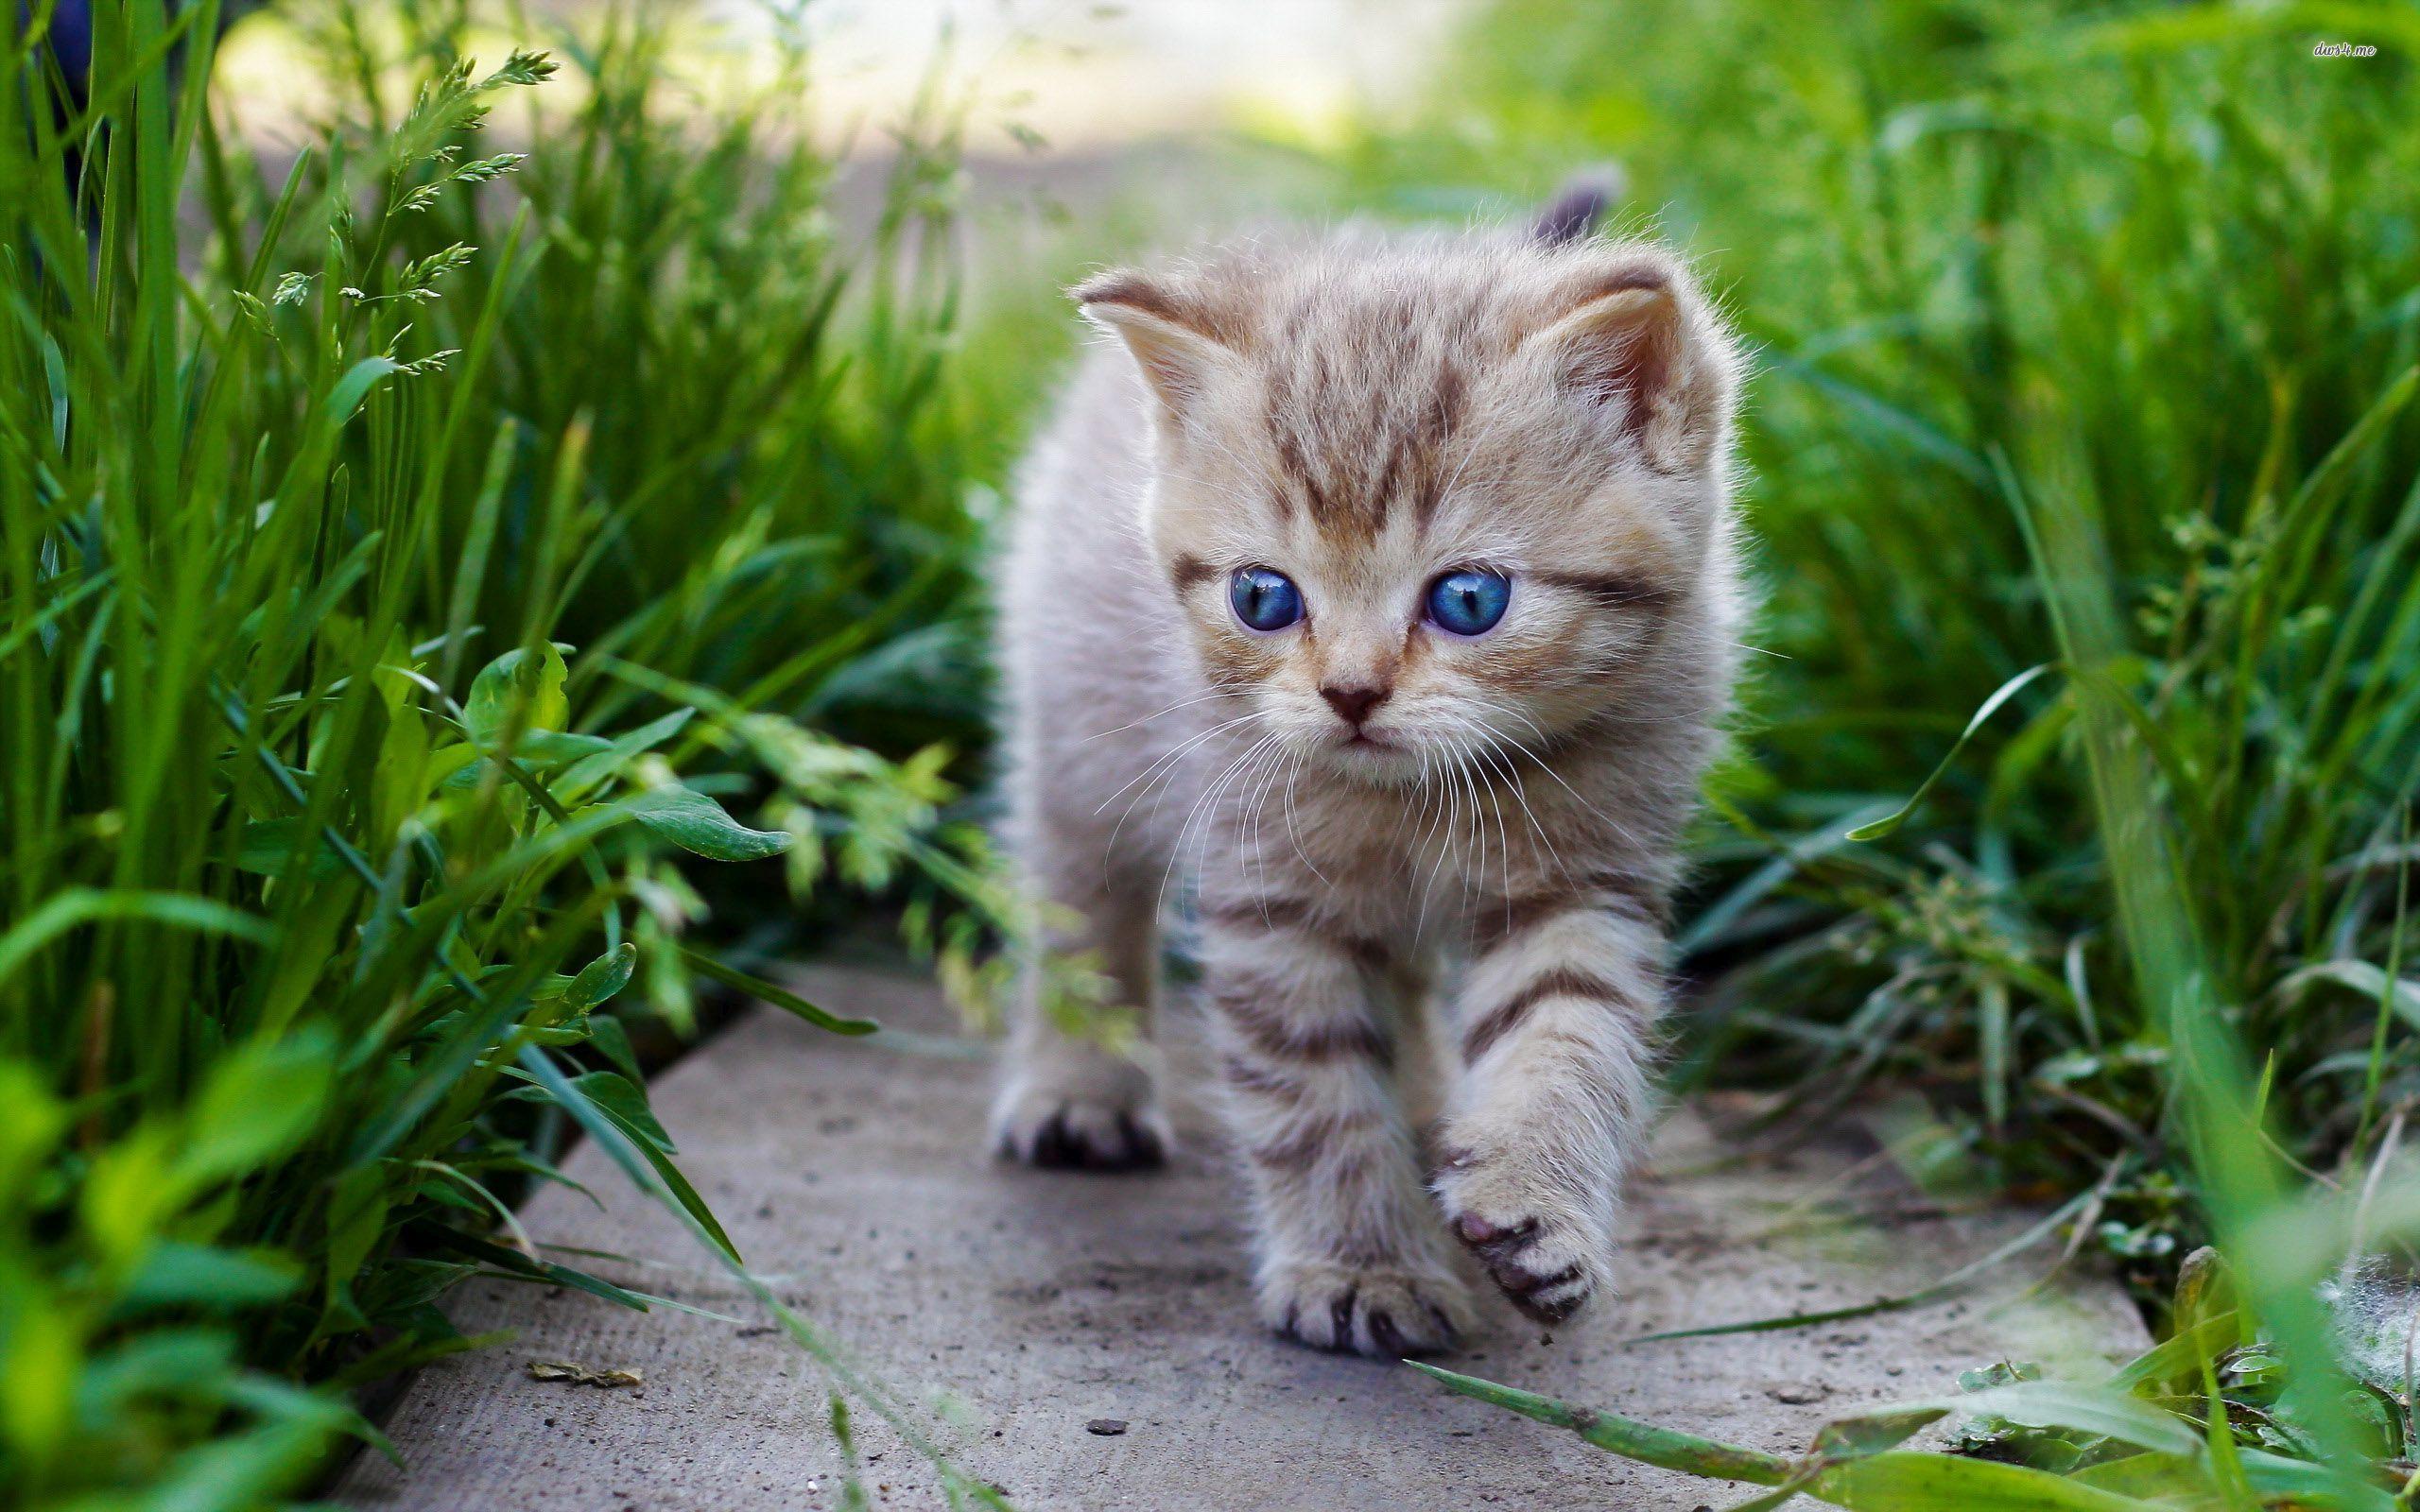 بالصور اجمل صور قطط , صور جميله عن القطط 6108 13